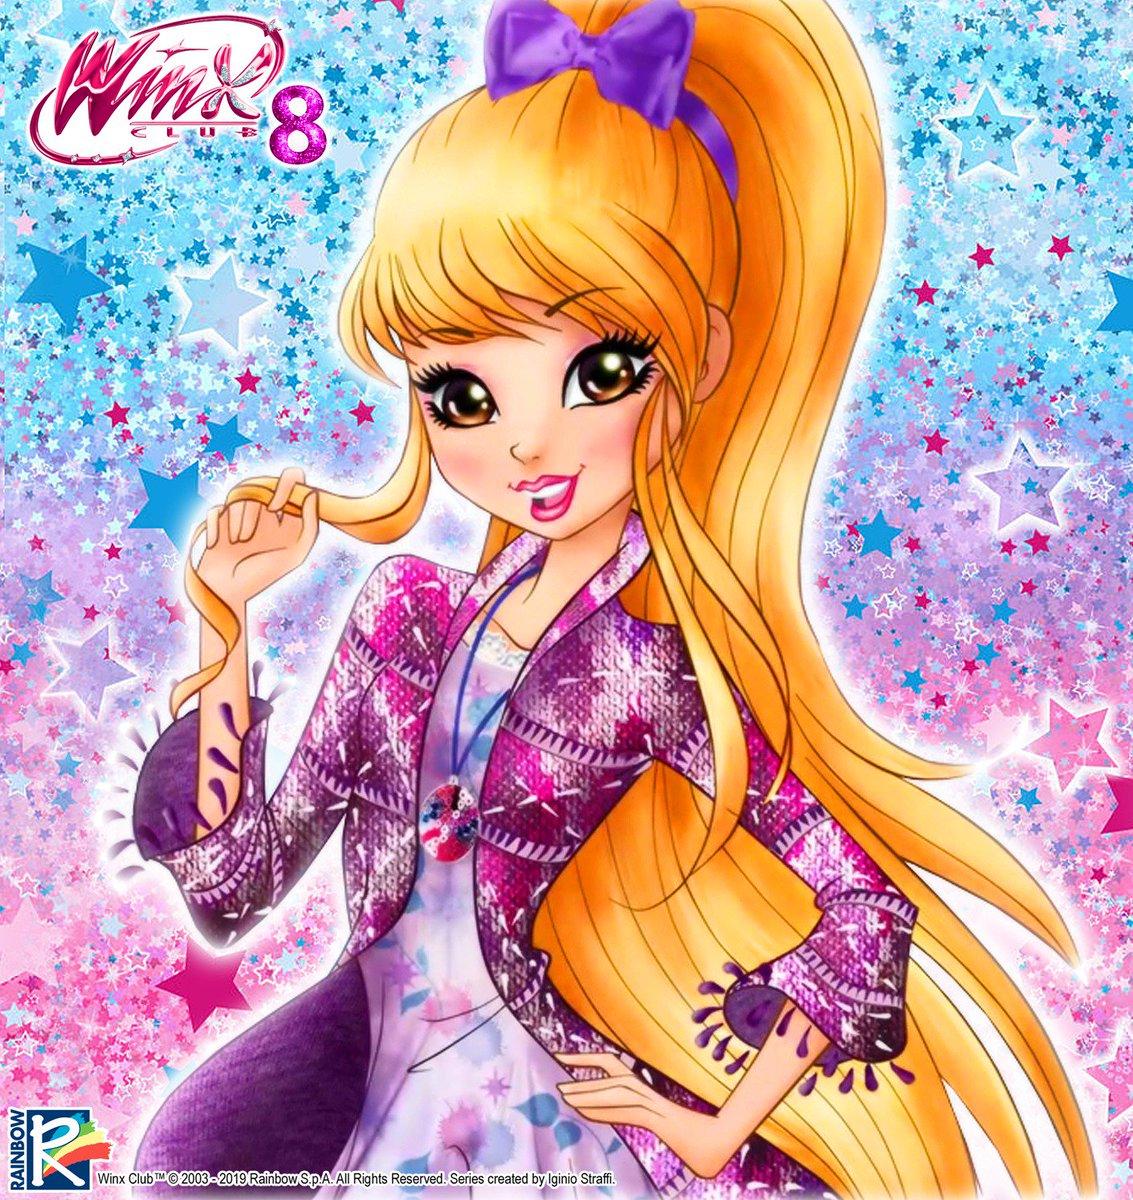 #Winx #WinxClub #Winx8 #Stella